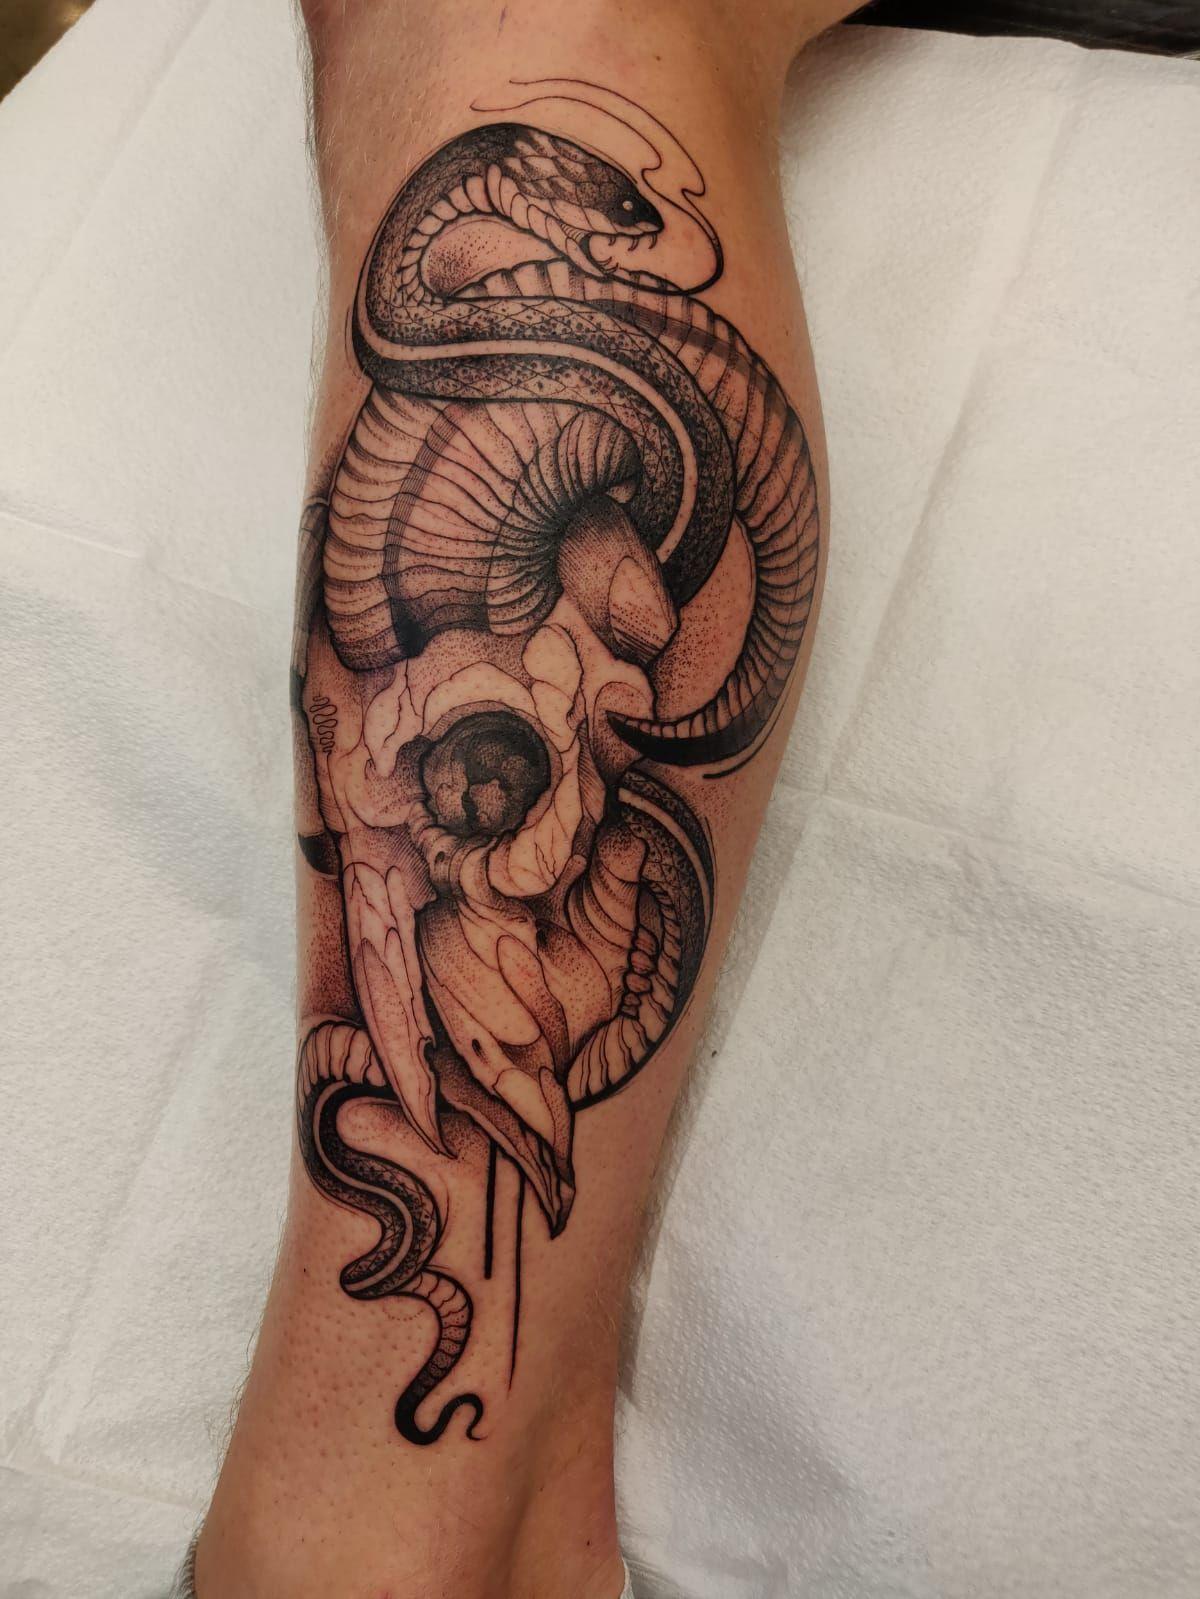 Ram Skull And Snake By Sebastian At Chronic Ink Tattoos Toronto Tattoos Ram Skull Ink Tattoo